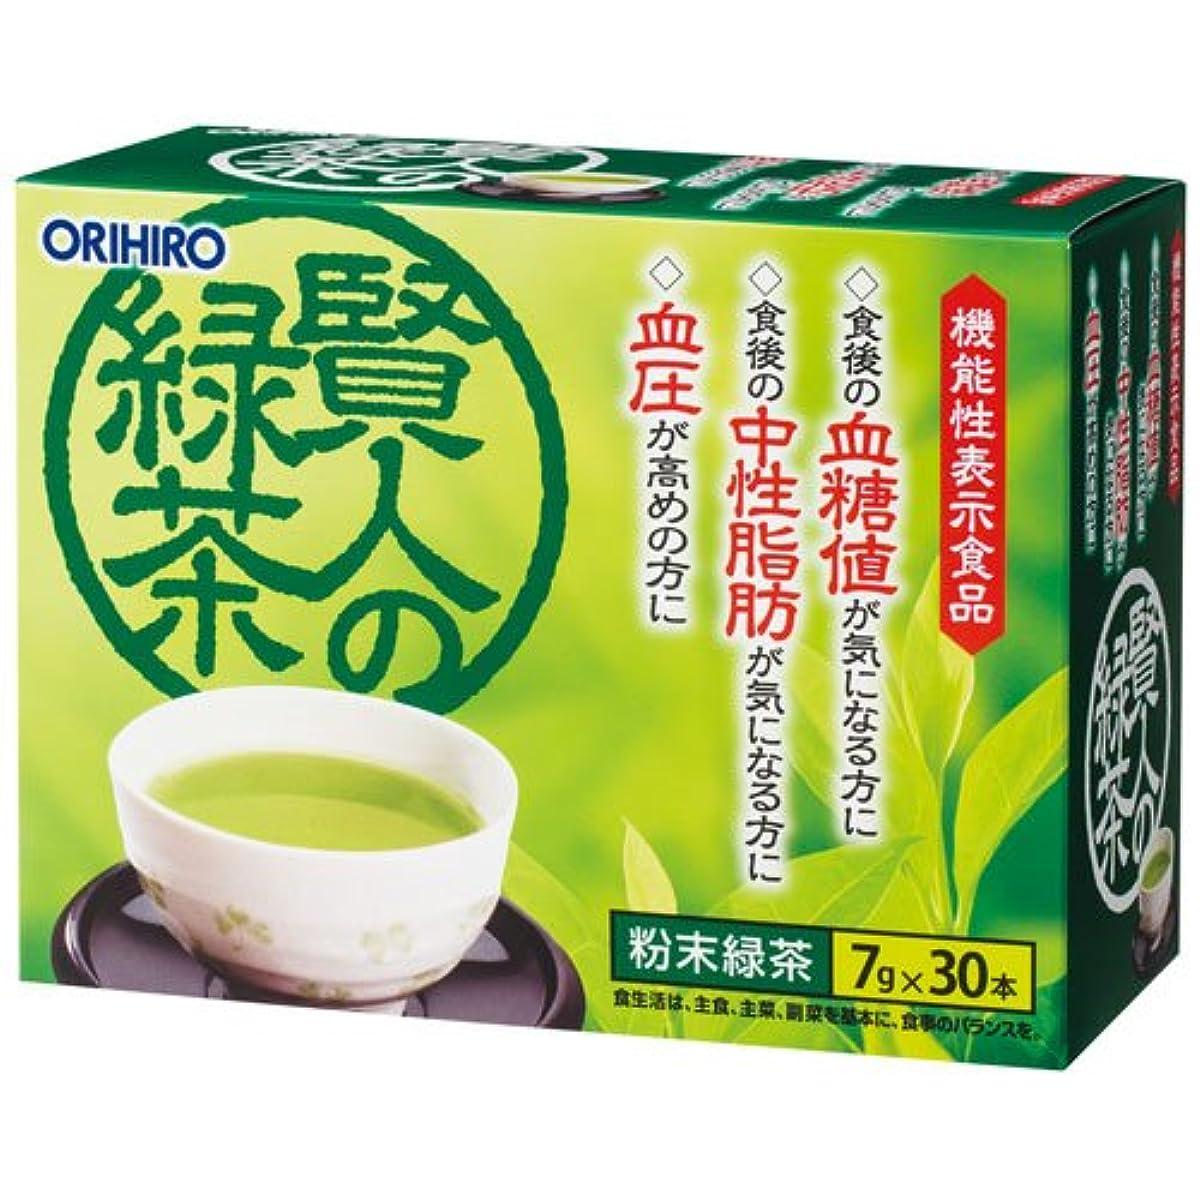 クラブそれによって呼びかけるオリヒロ 賢人の緑茶 7g×30包×6個セット